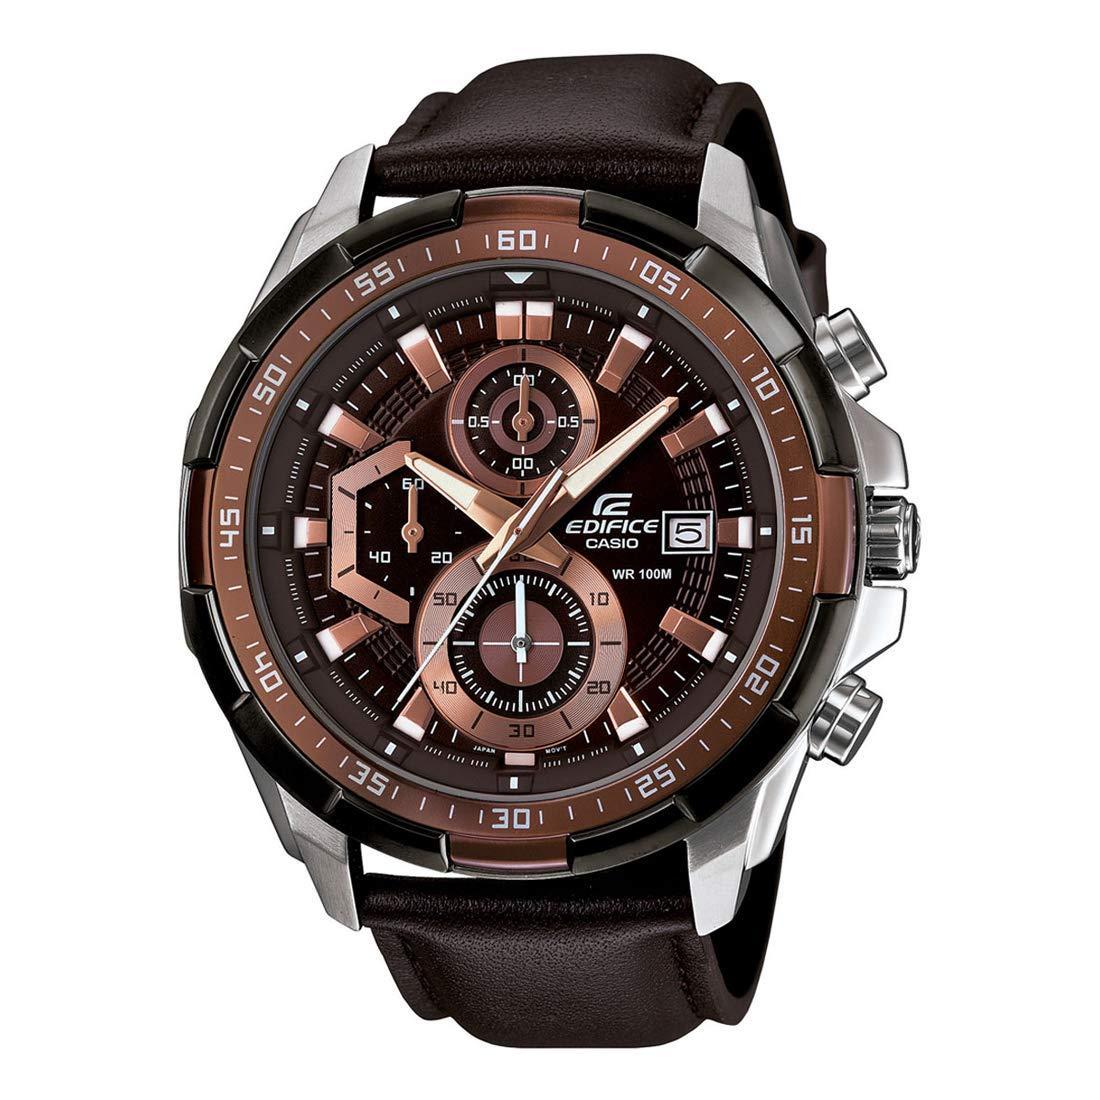 Casio Edifice รุ่น EFR-539L-5AV สินค้าขายดี นาฬิกาข้อมือผู้ชาย สายสแตนเลส (สินค้าใหม่ล่าสุด) N5gx